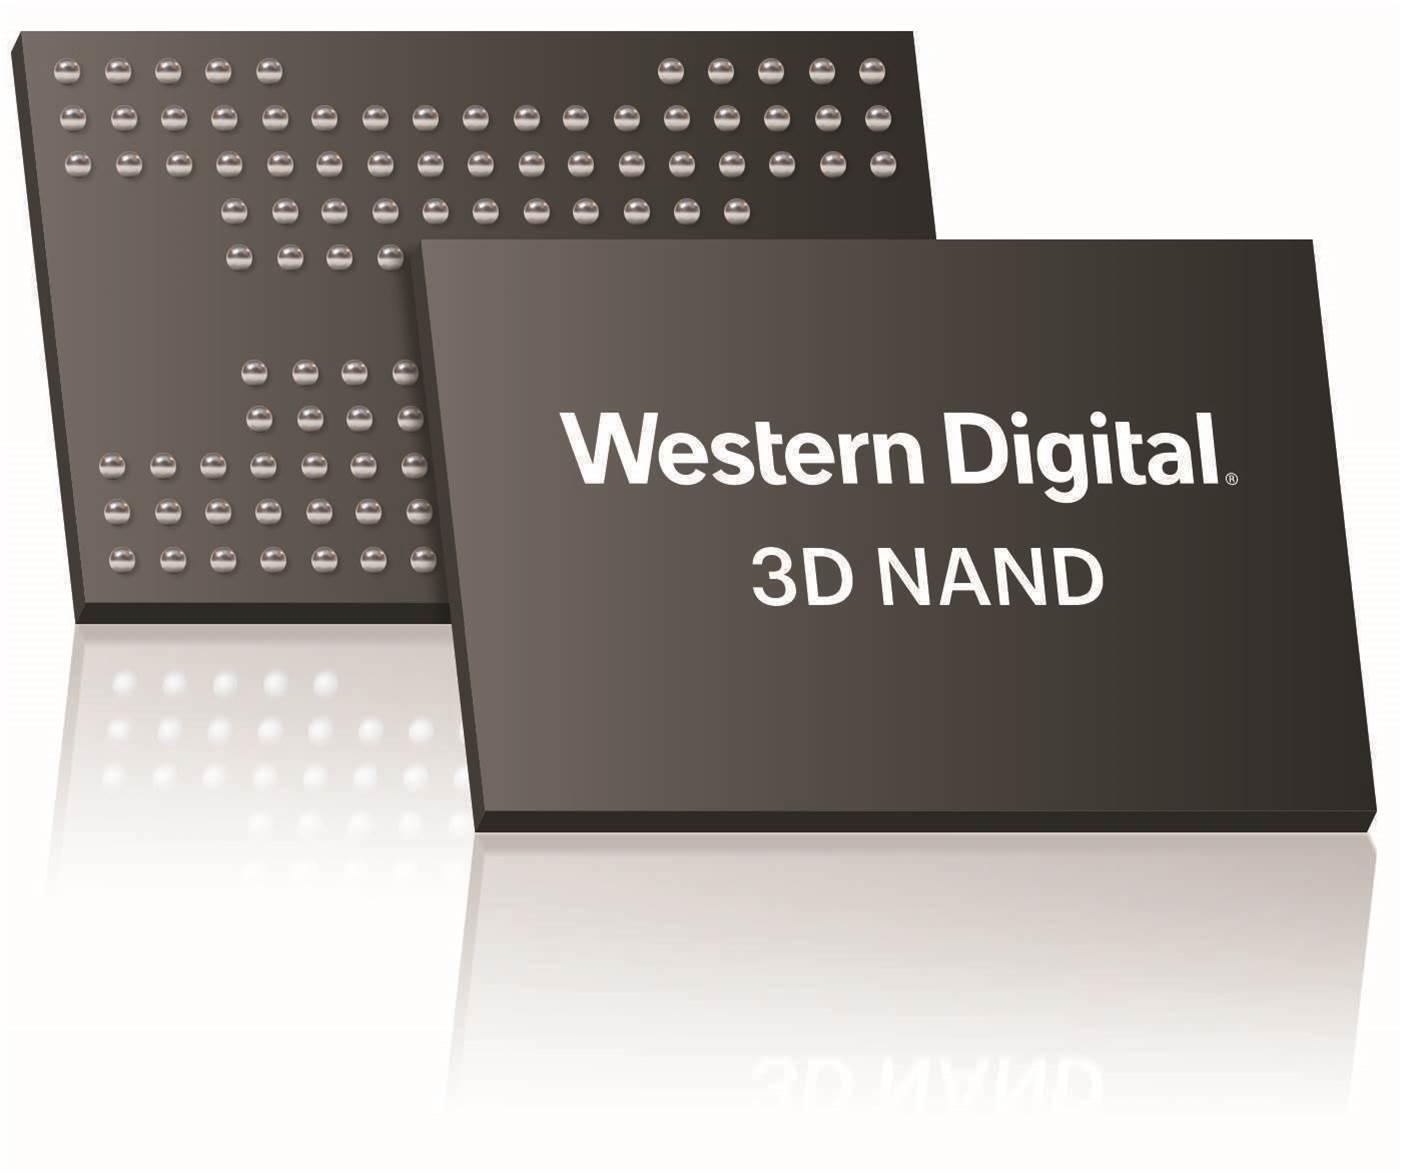 WD announces 96-layer 3D NAND breakthrough